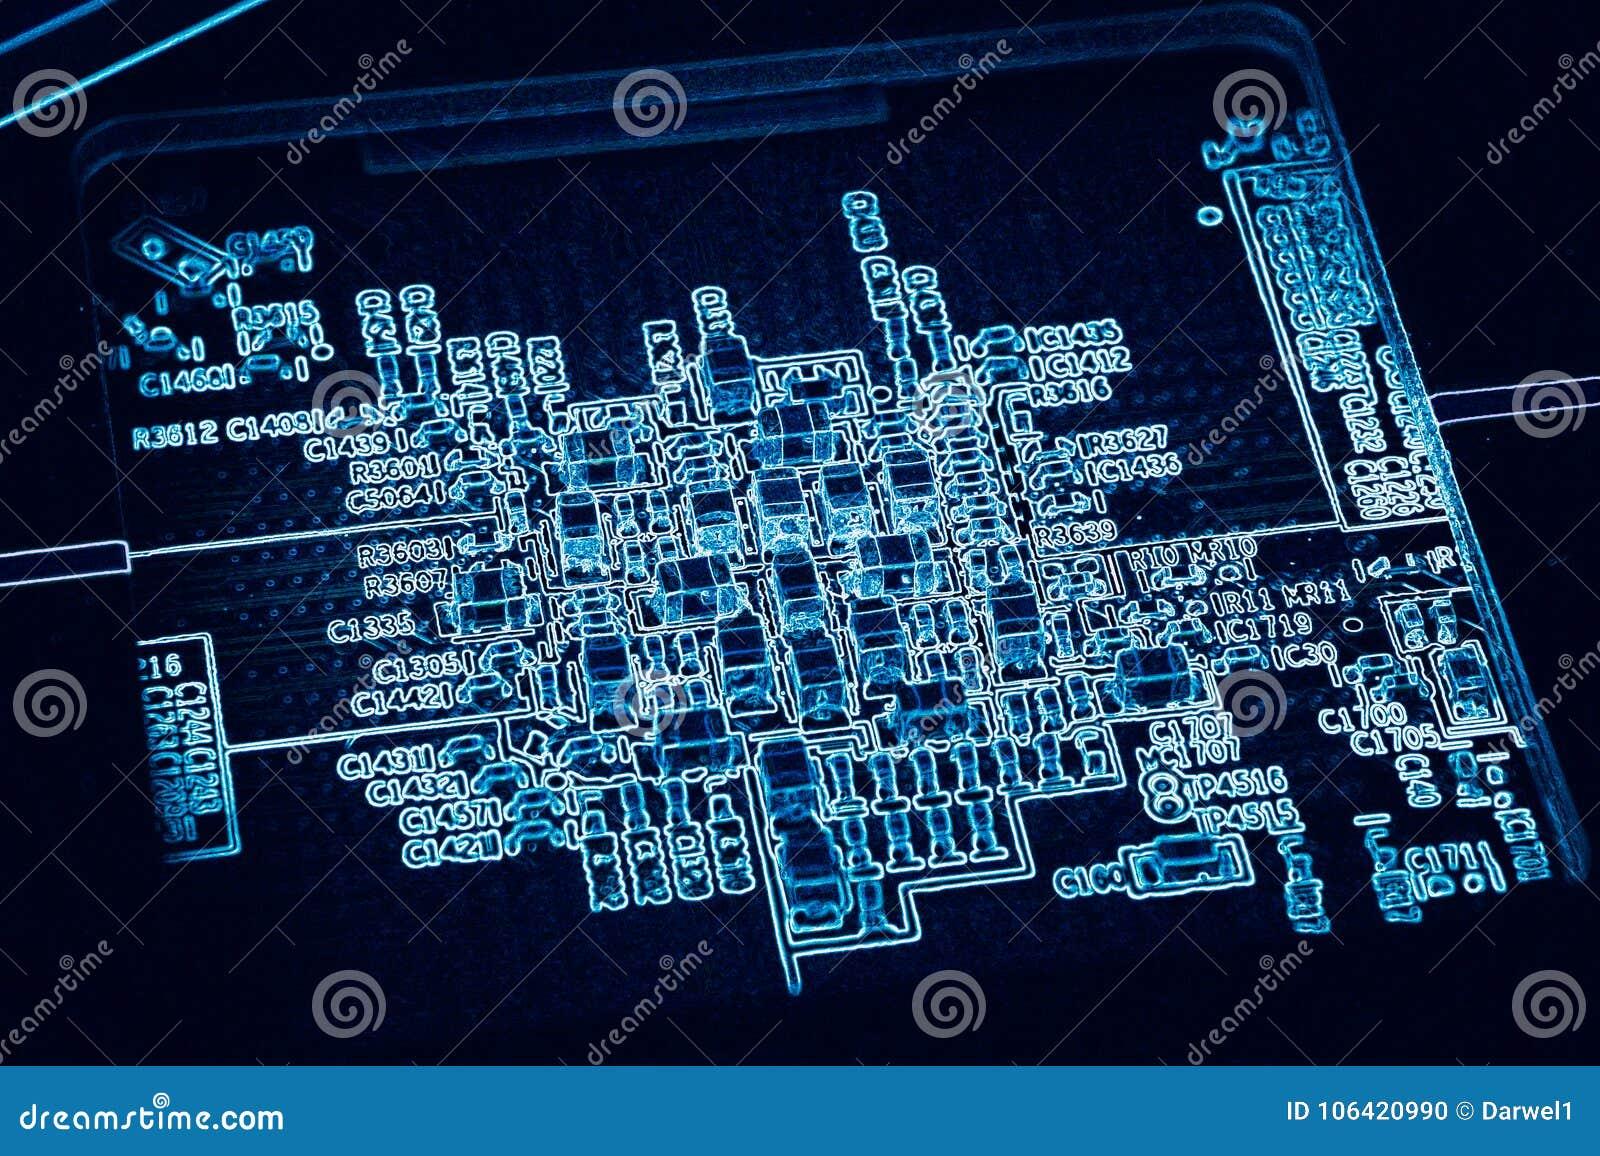 Circuito Eletronica : Placa de circuito impresso eletrônica fundo digital azul de gpu